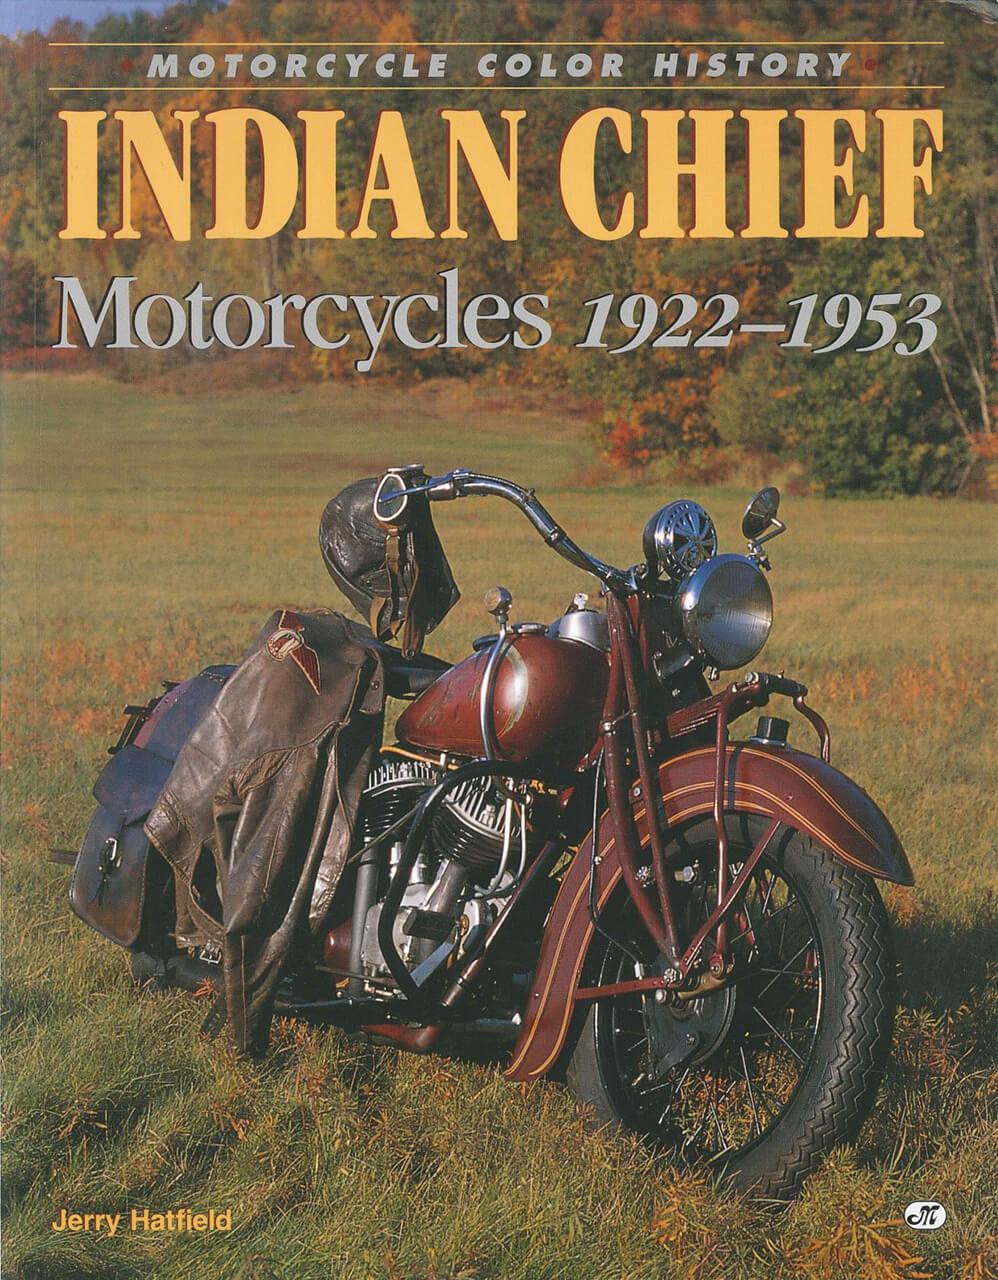 1922年から1953年まで製造されたインディアン社「チーフ」の貴重な写真資料集【新書紹介】